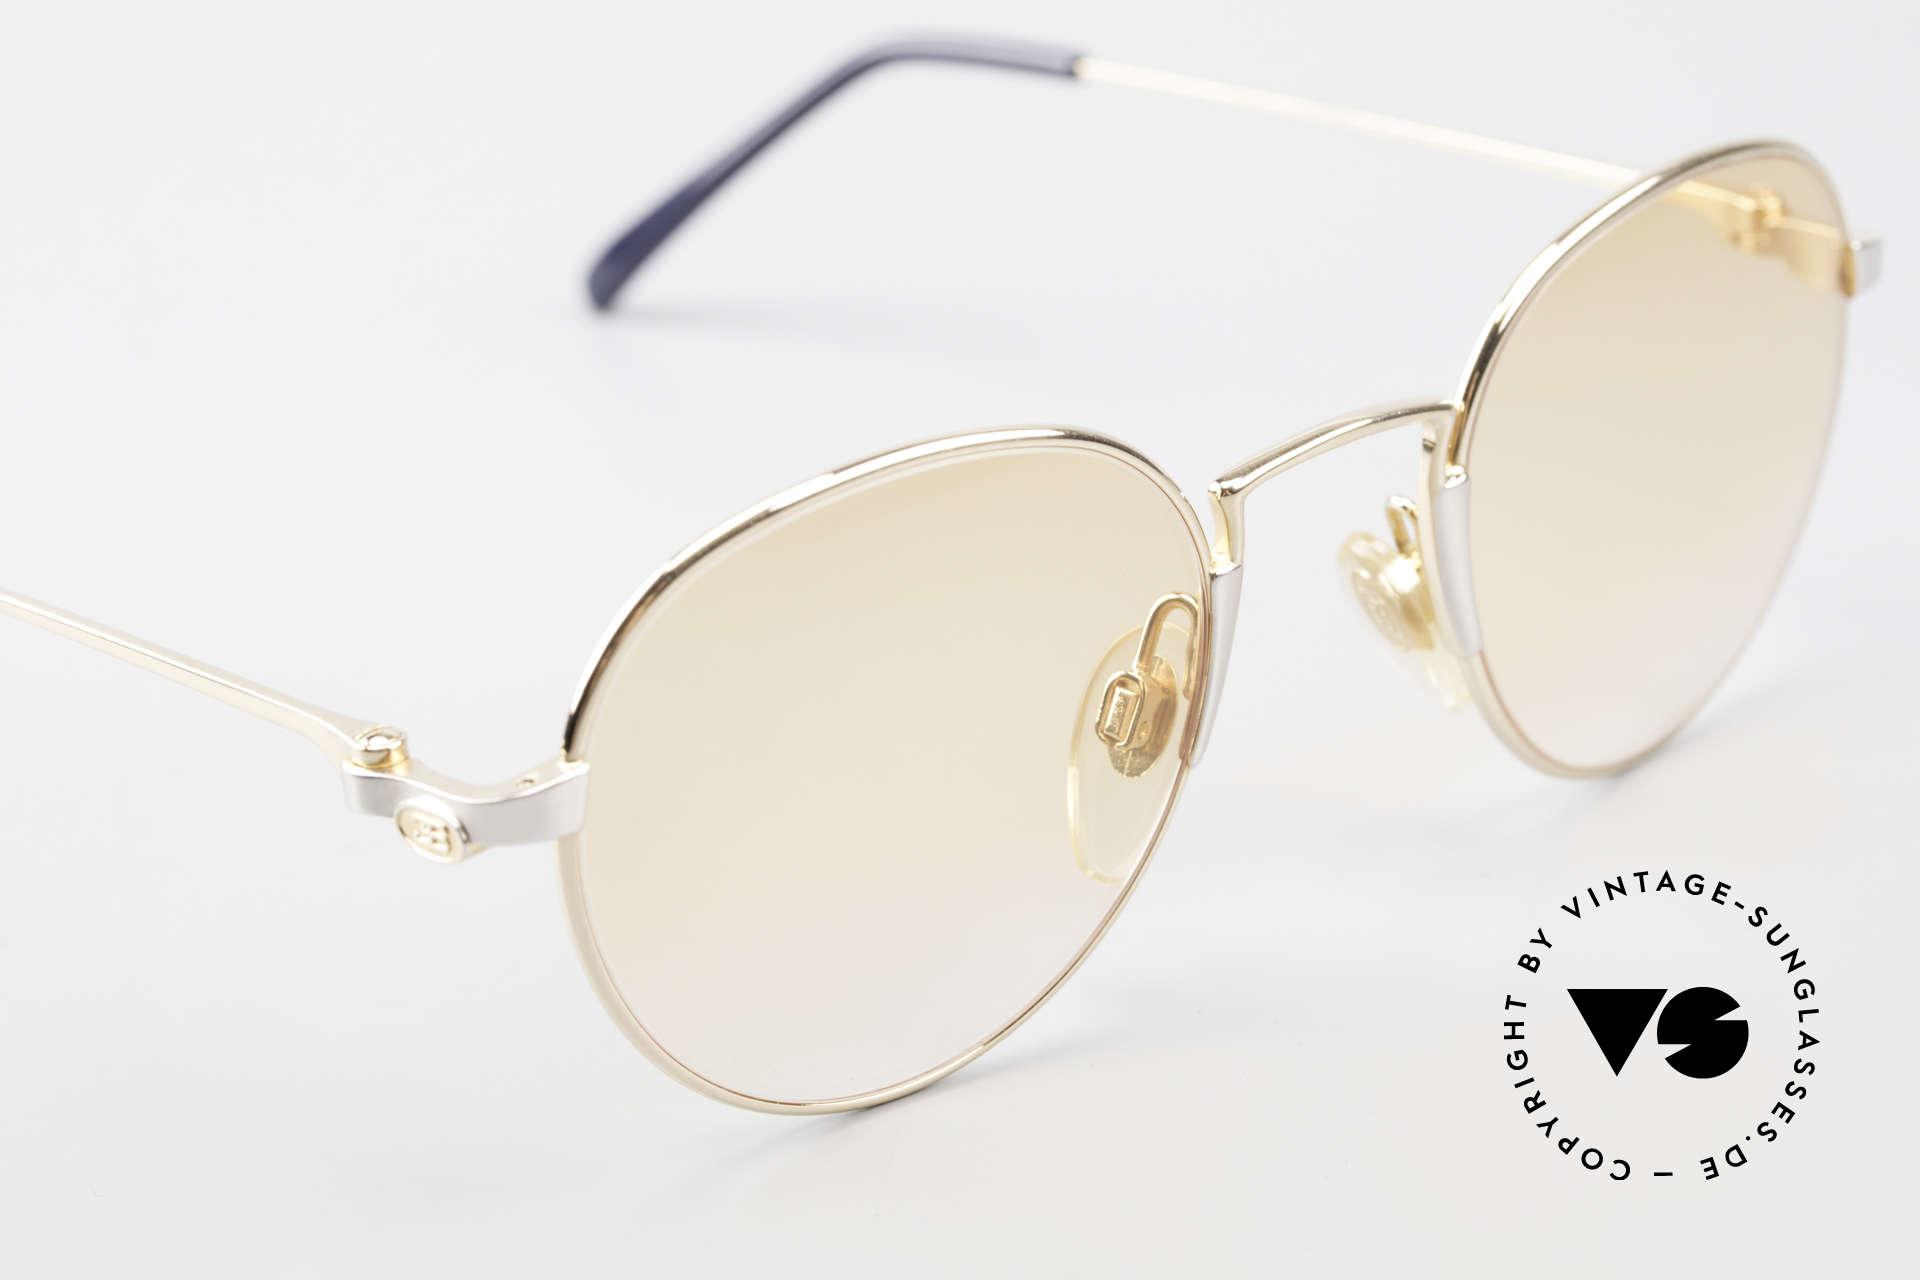 Bugatti EB600 Small 90s Luxury Panto Frame, unworn (like all our rare vintage Bugatti sunglasses), Made for Men